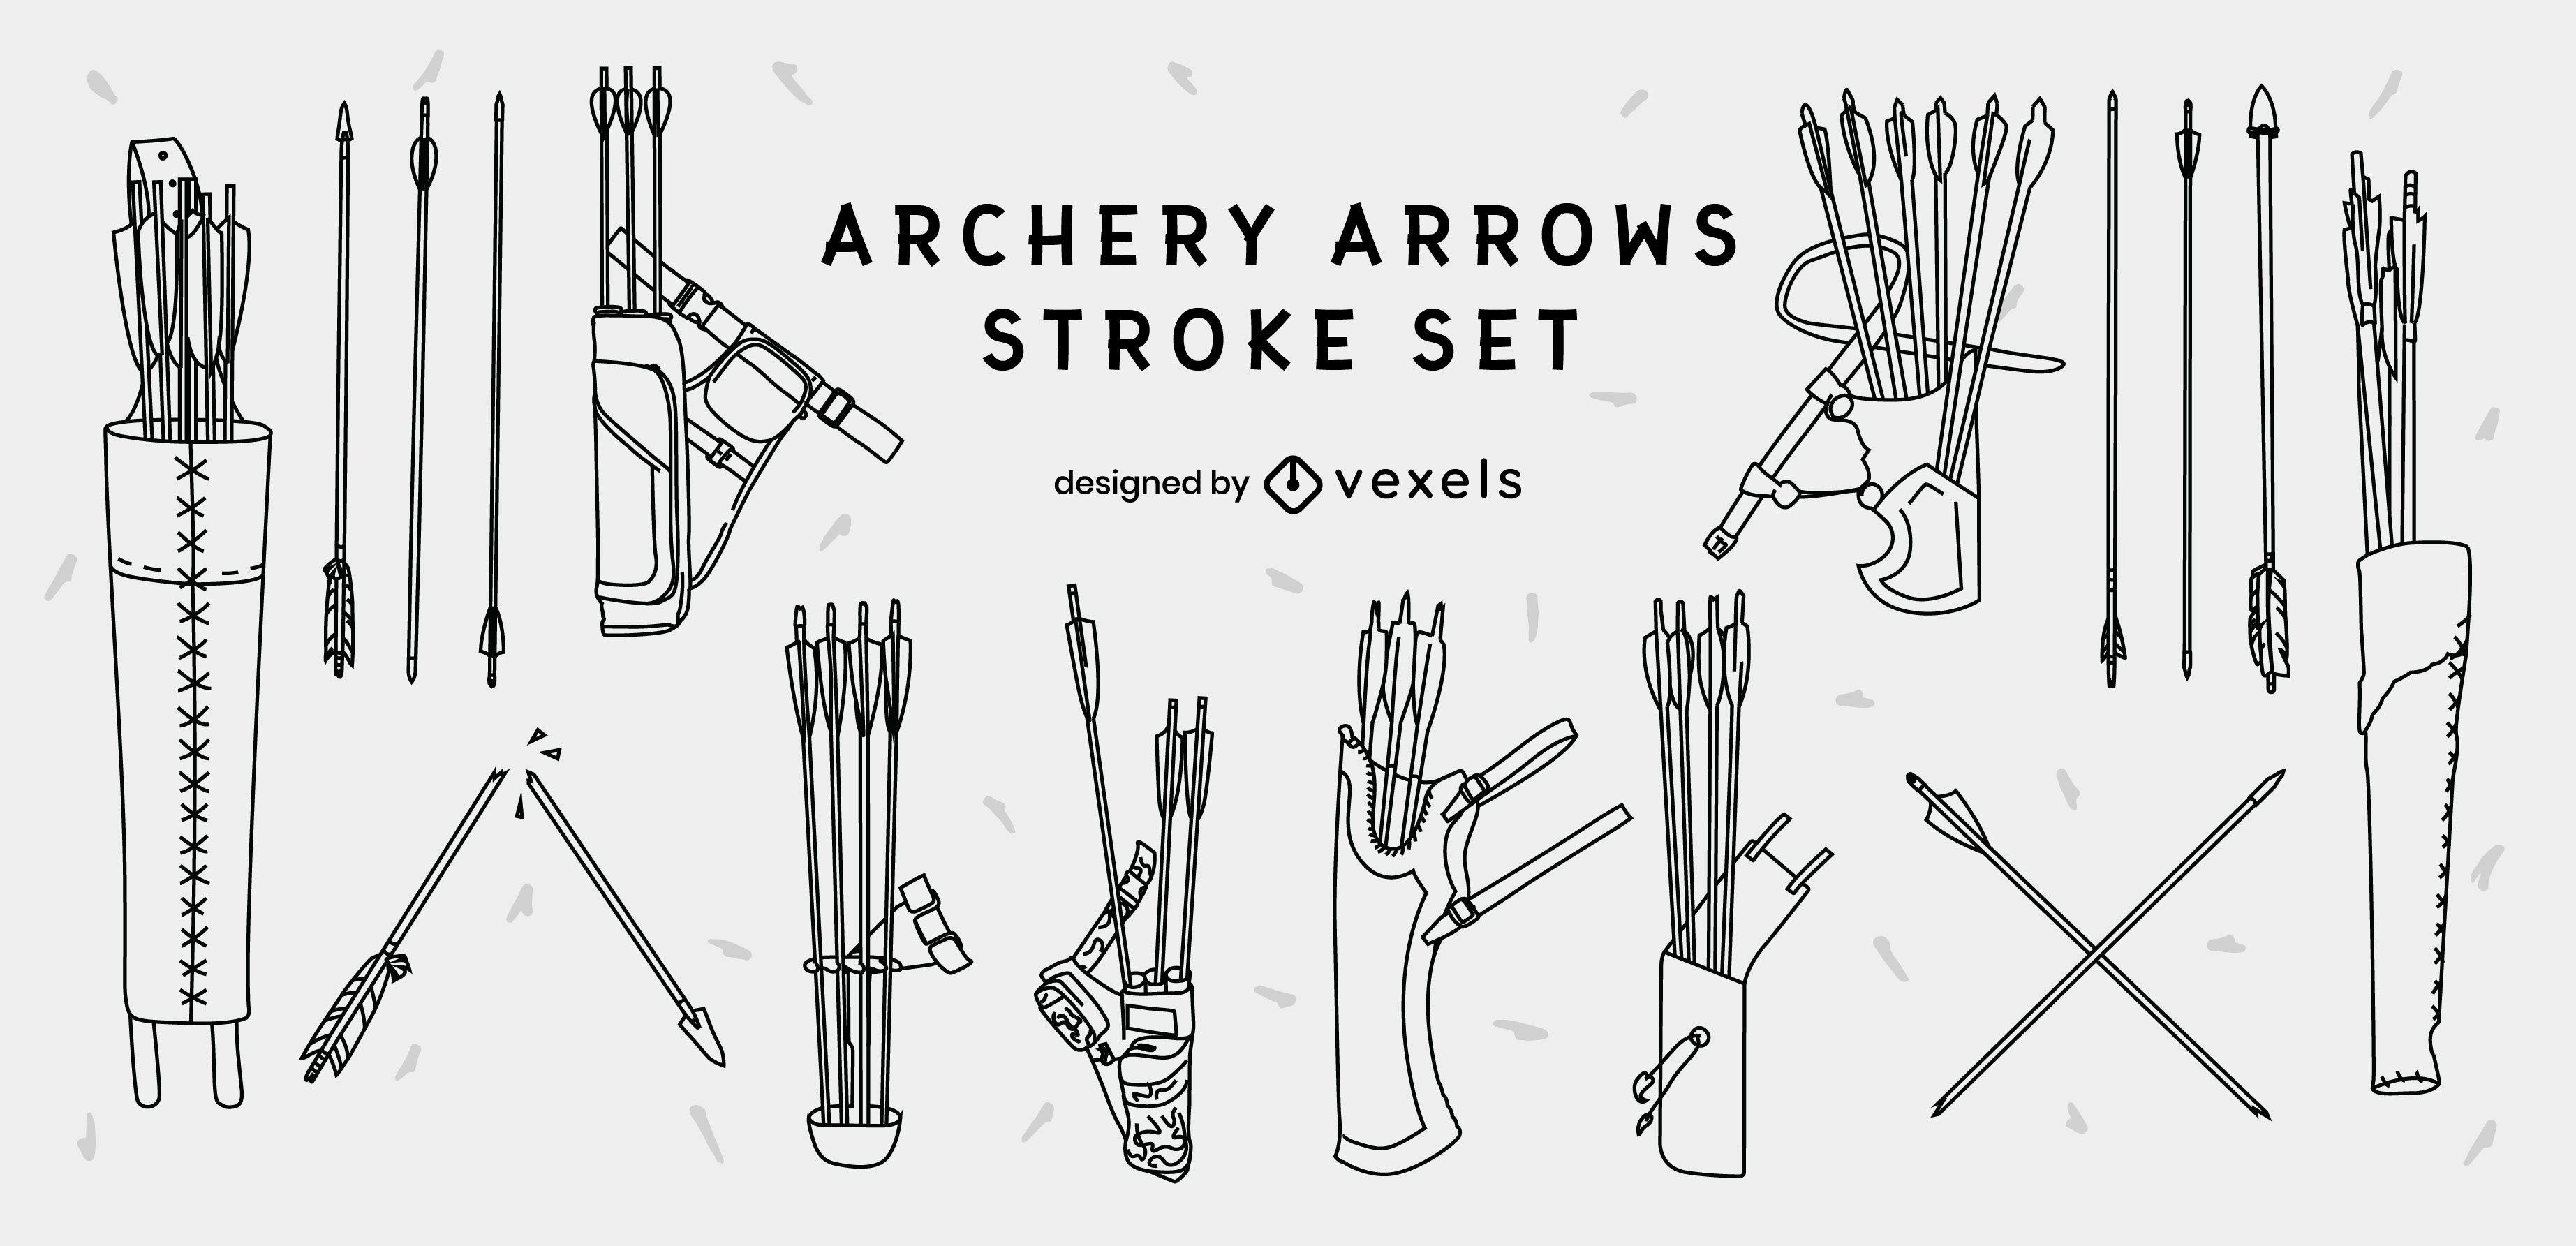 Archery arrows stroke set